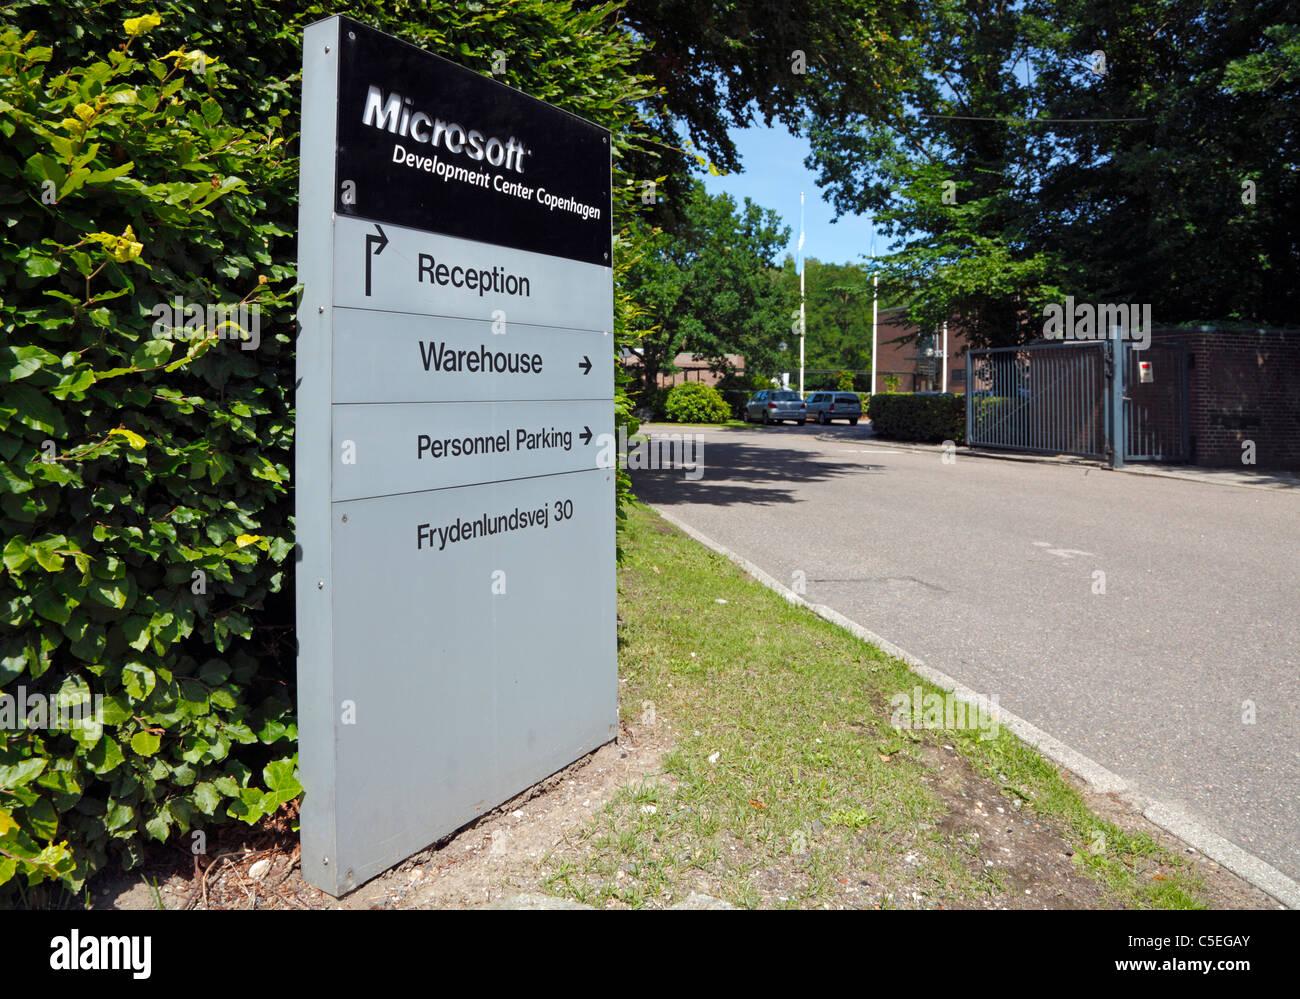 Entrance to the Microsoft Development Center Copenhagen - in Trørød, Denmark - Stock Image